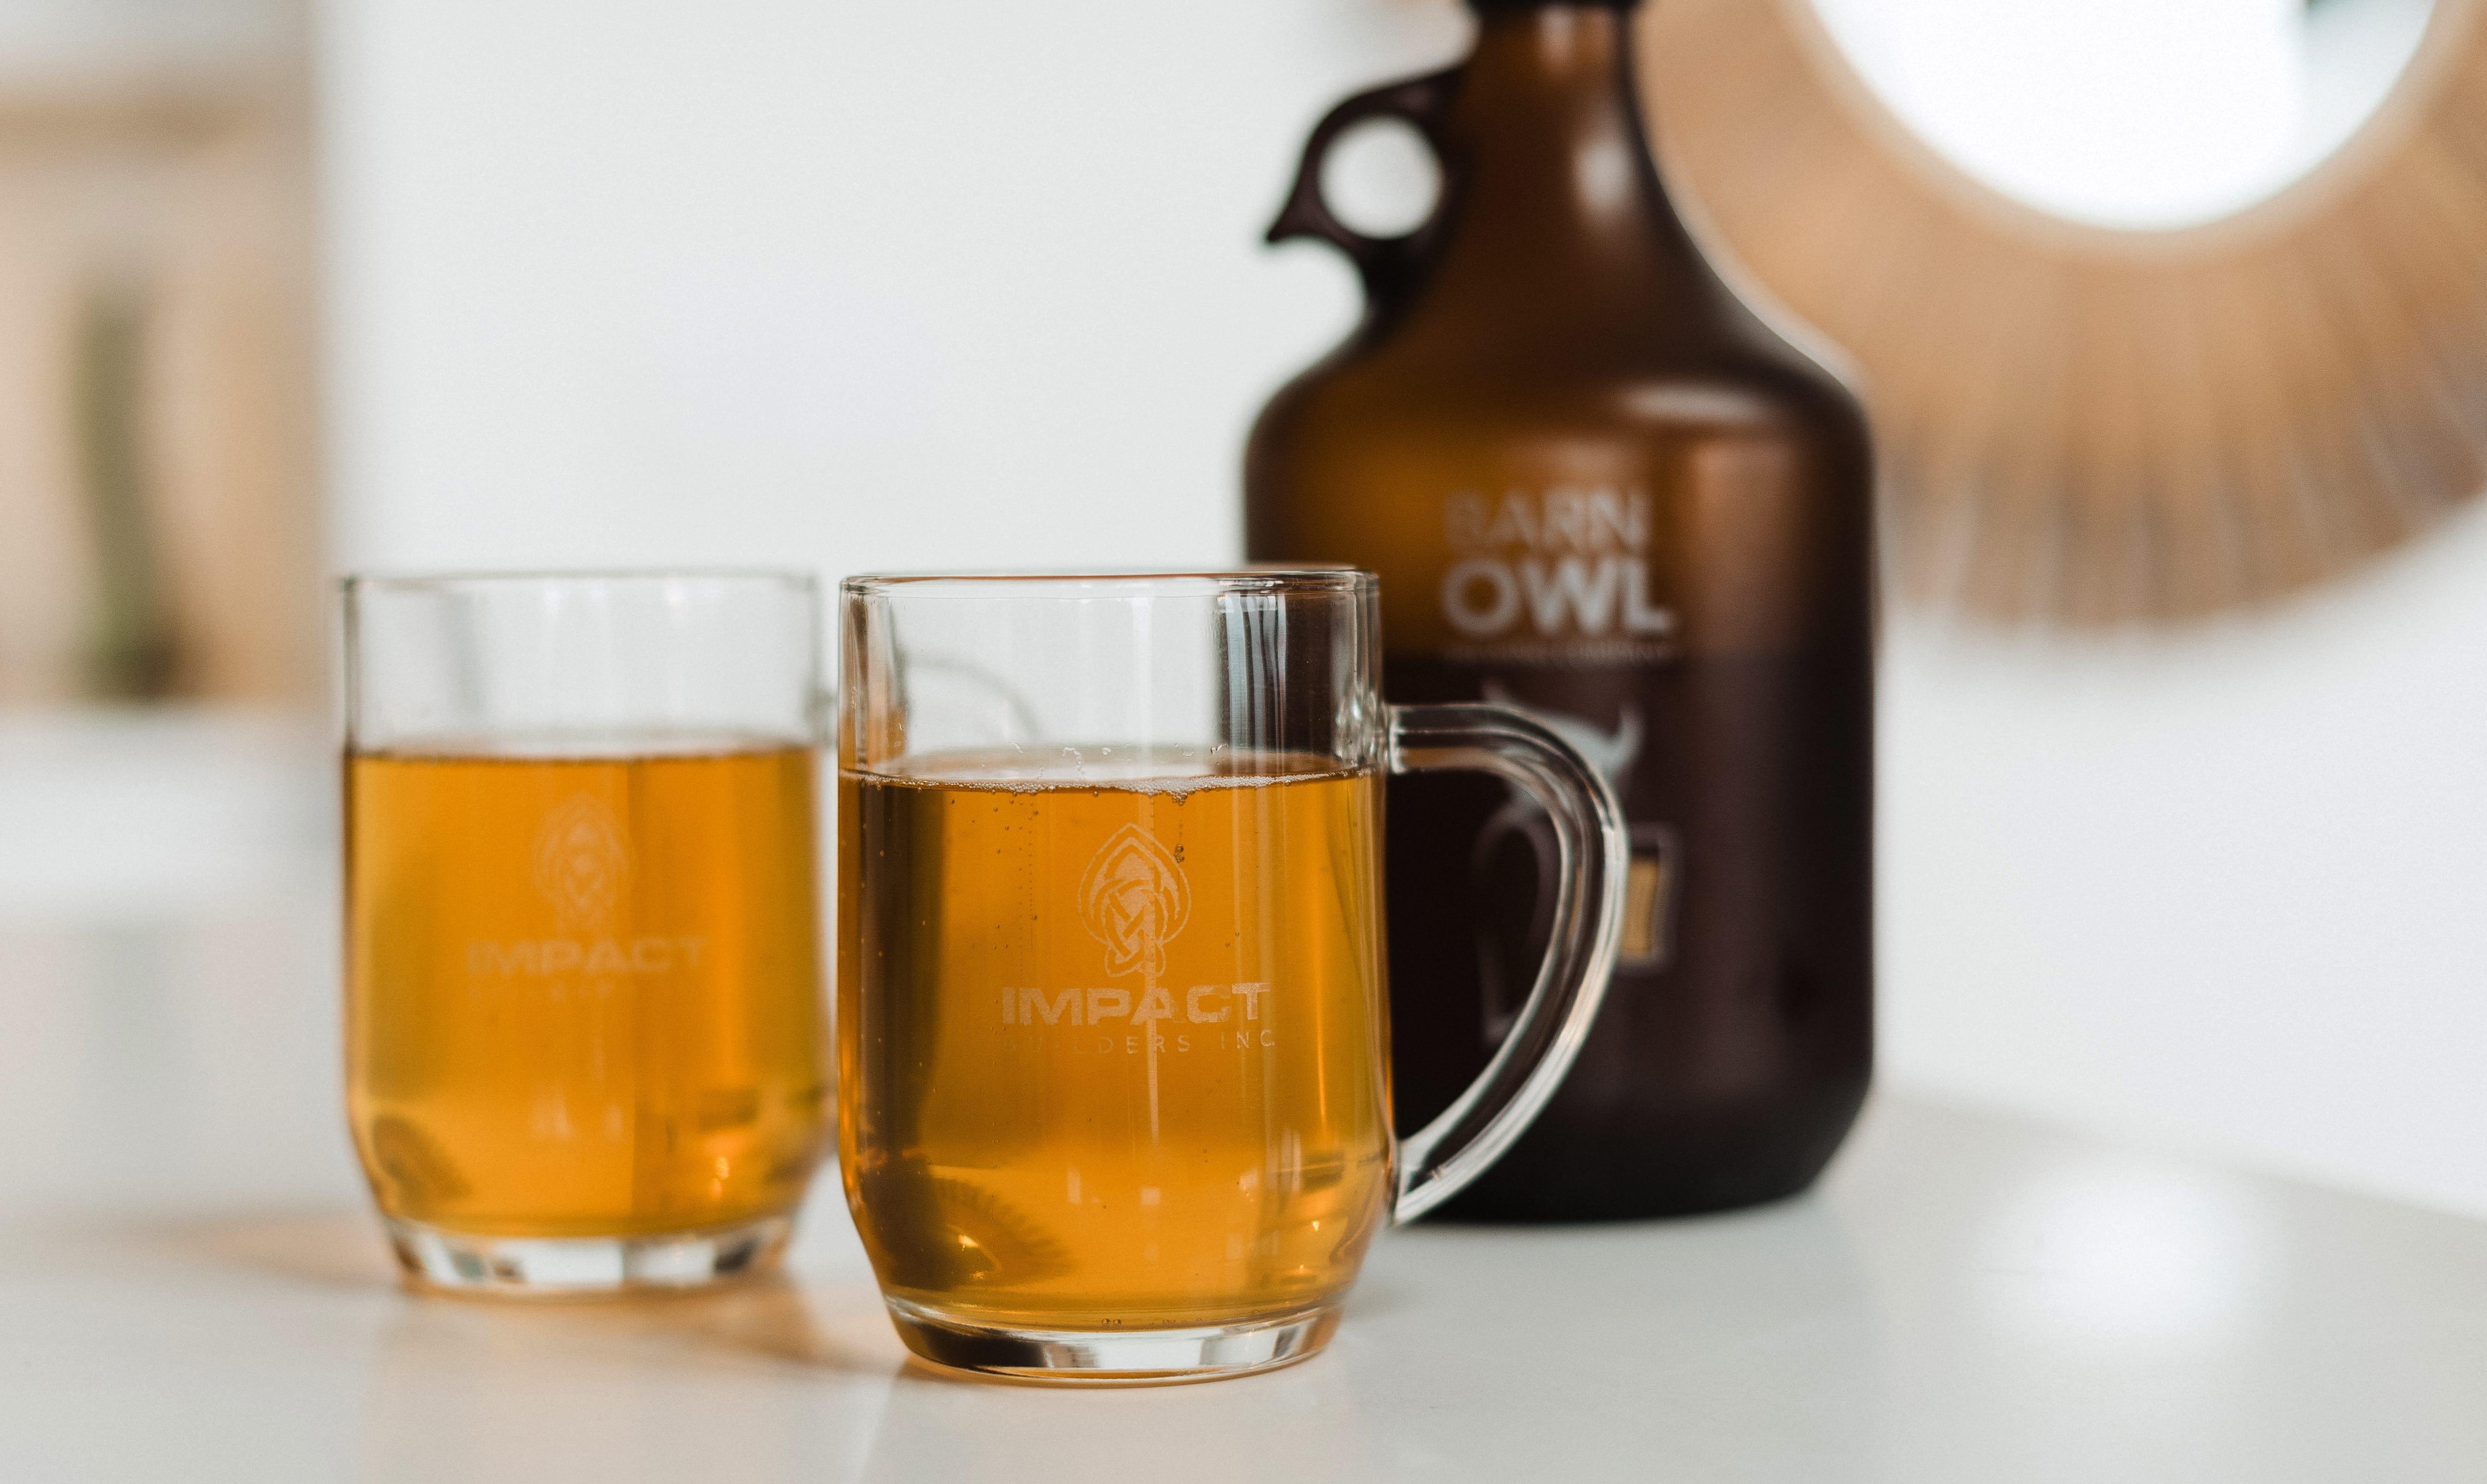 Barn Owl Brewery